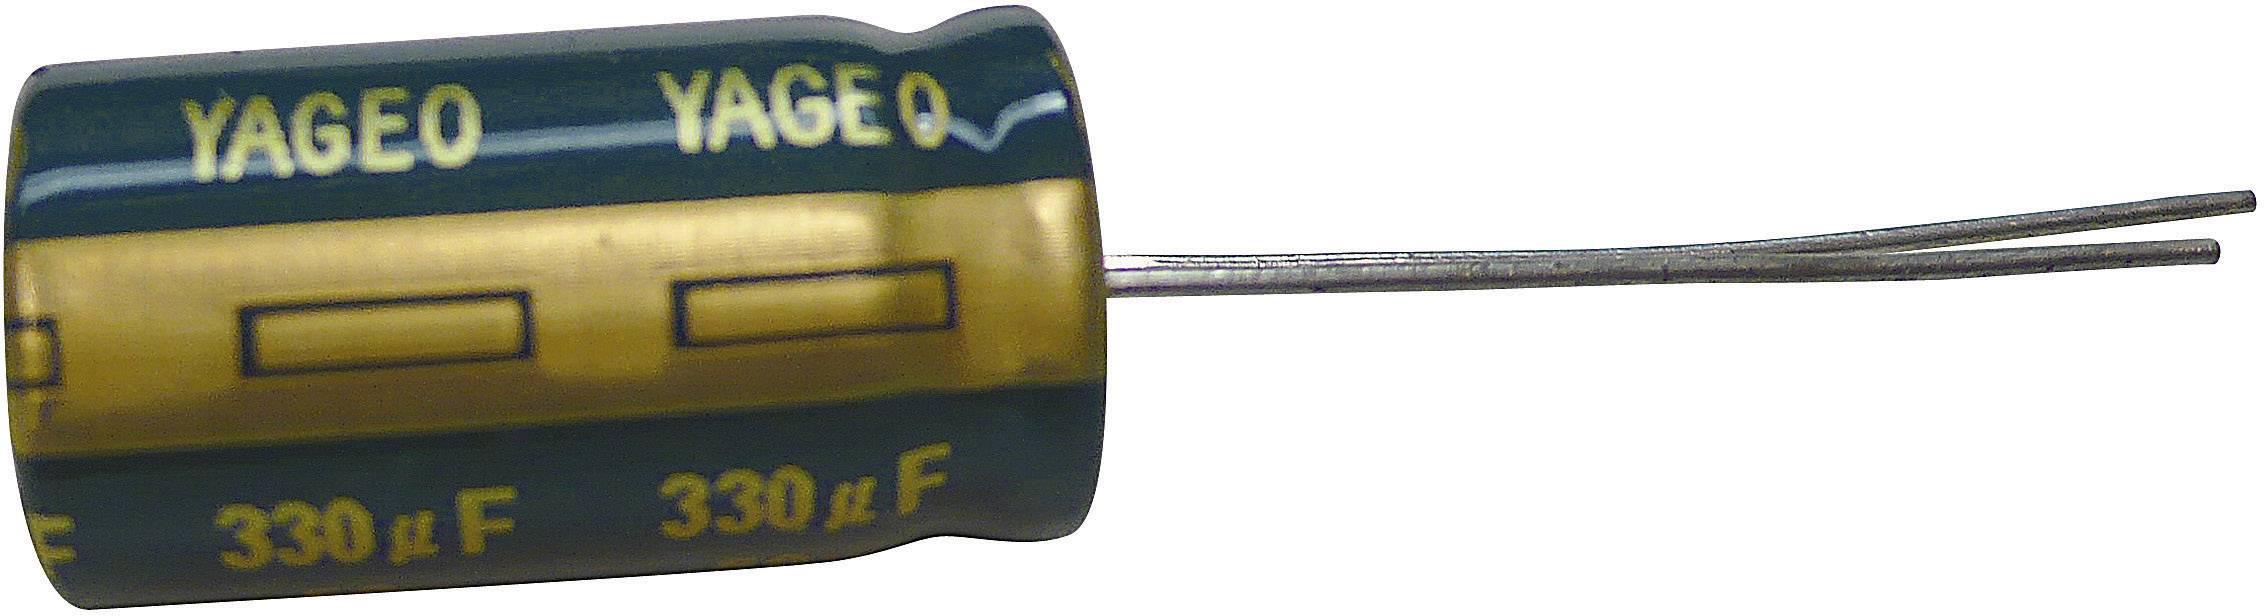 Kondenzátor elektrolytický Yageo SY035M1500B5S-1335, 1500 µF, 35 V, 20 %, 35 x 13 mm